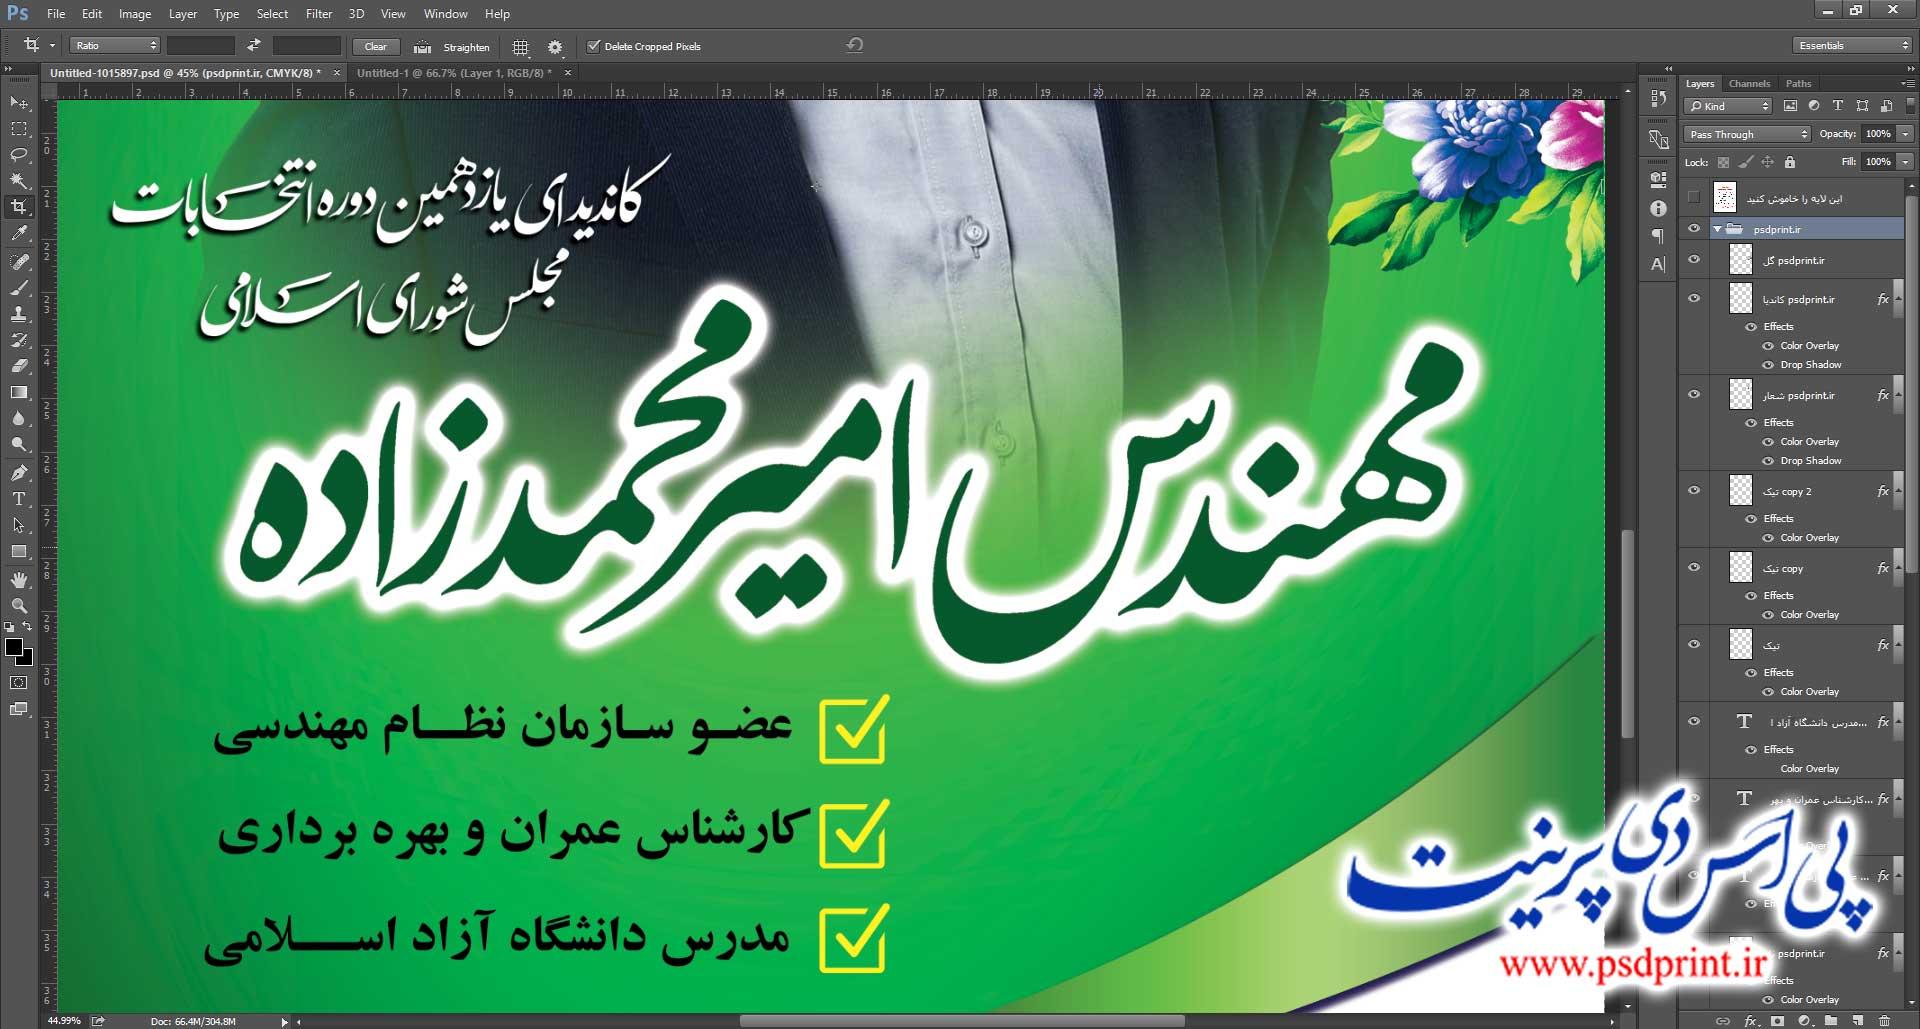 پوستر لایه باز برای انتخابات مجلس